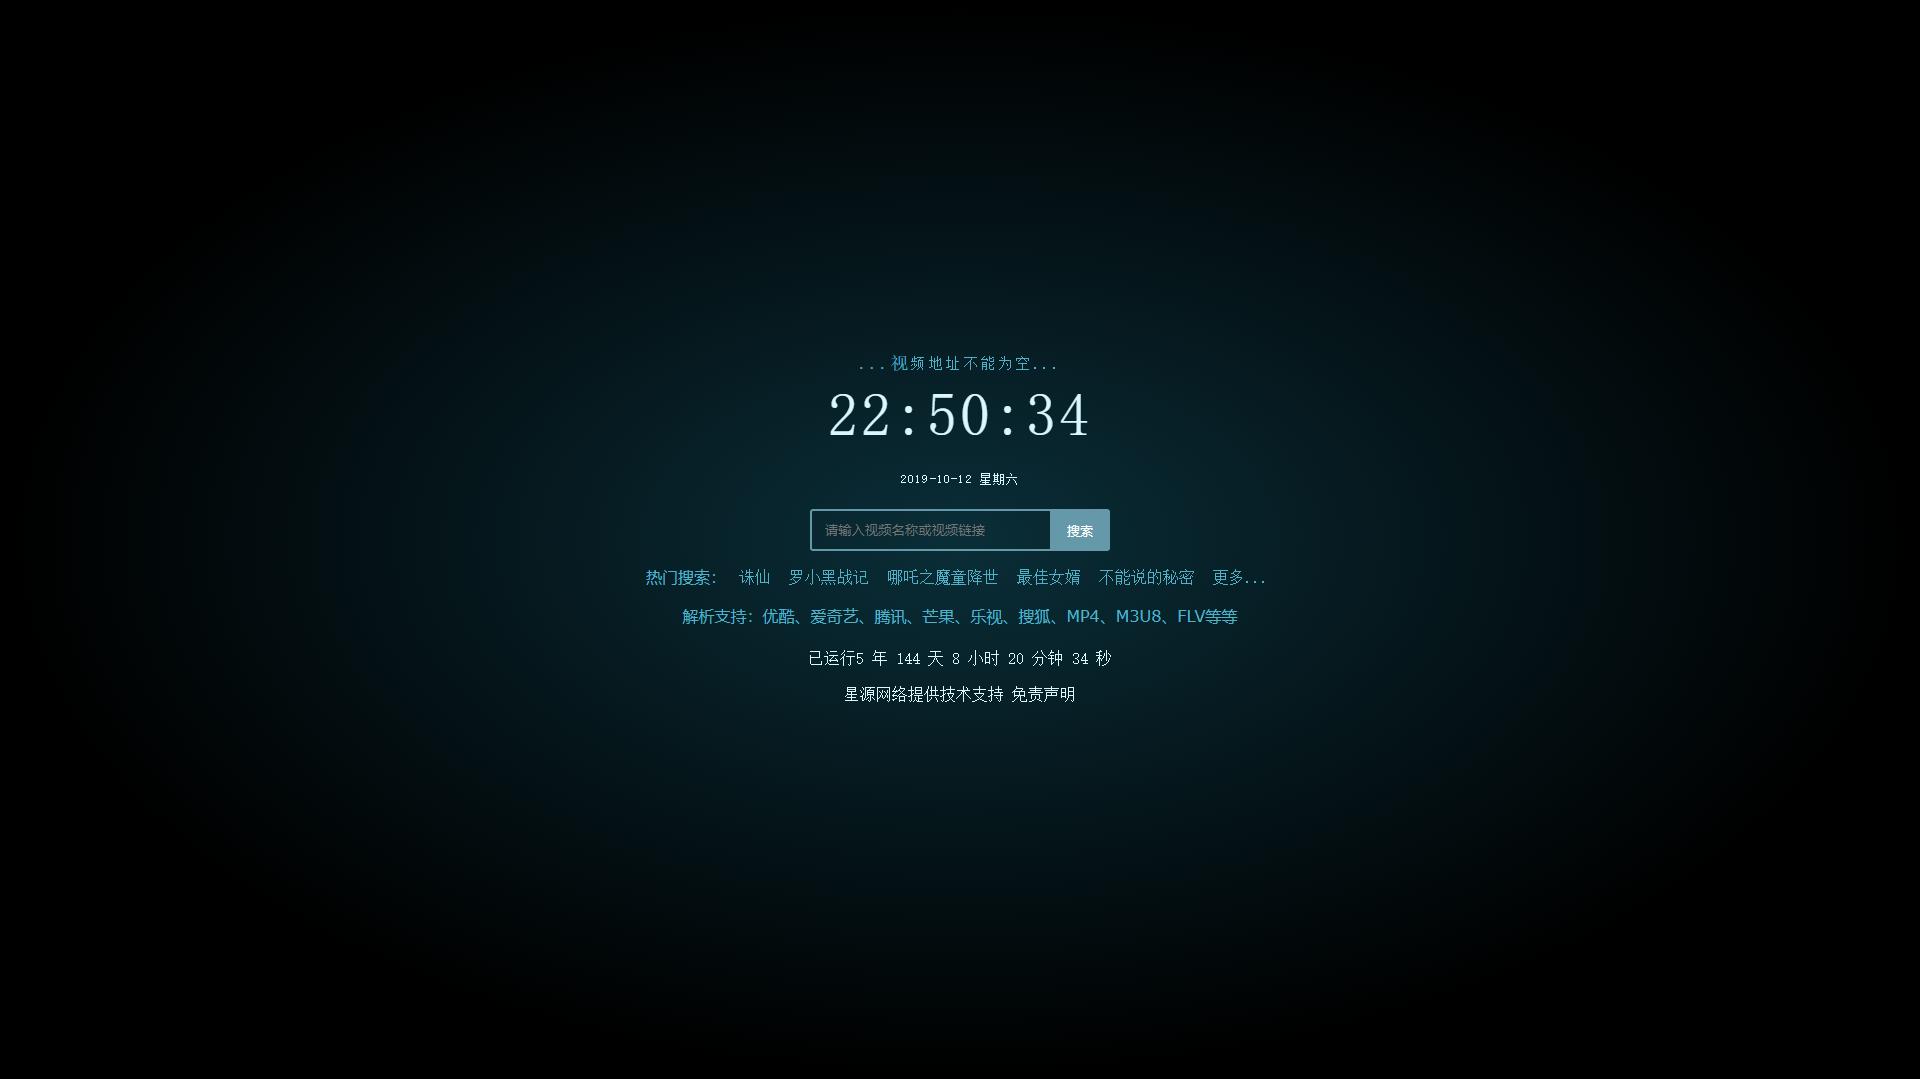 XyPlayer智能影视解析 X3.9 正式版 带后台-凡酷网  (fankuw.cn)  -  综合性资源分享平台网站